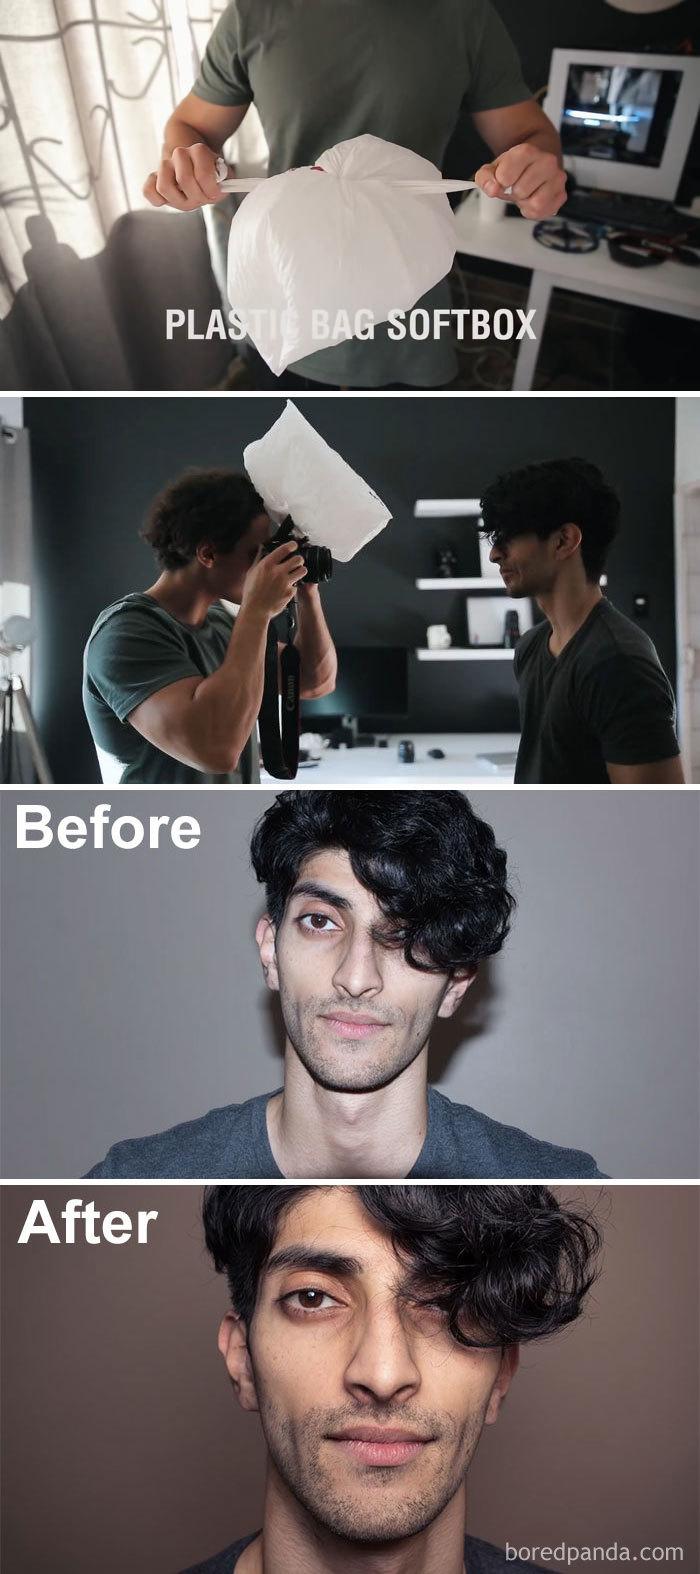 easy camera hacks how to improve photography skills 2 596f44eda63a3  700 Uradi sam: Jednostavni trikovi zbog kojih će tvoje fotografije izgledati profi